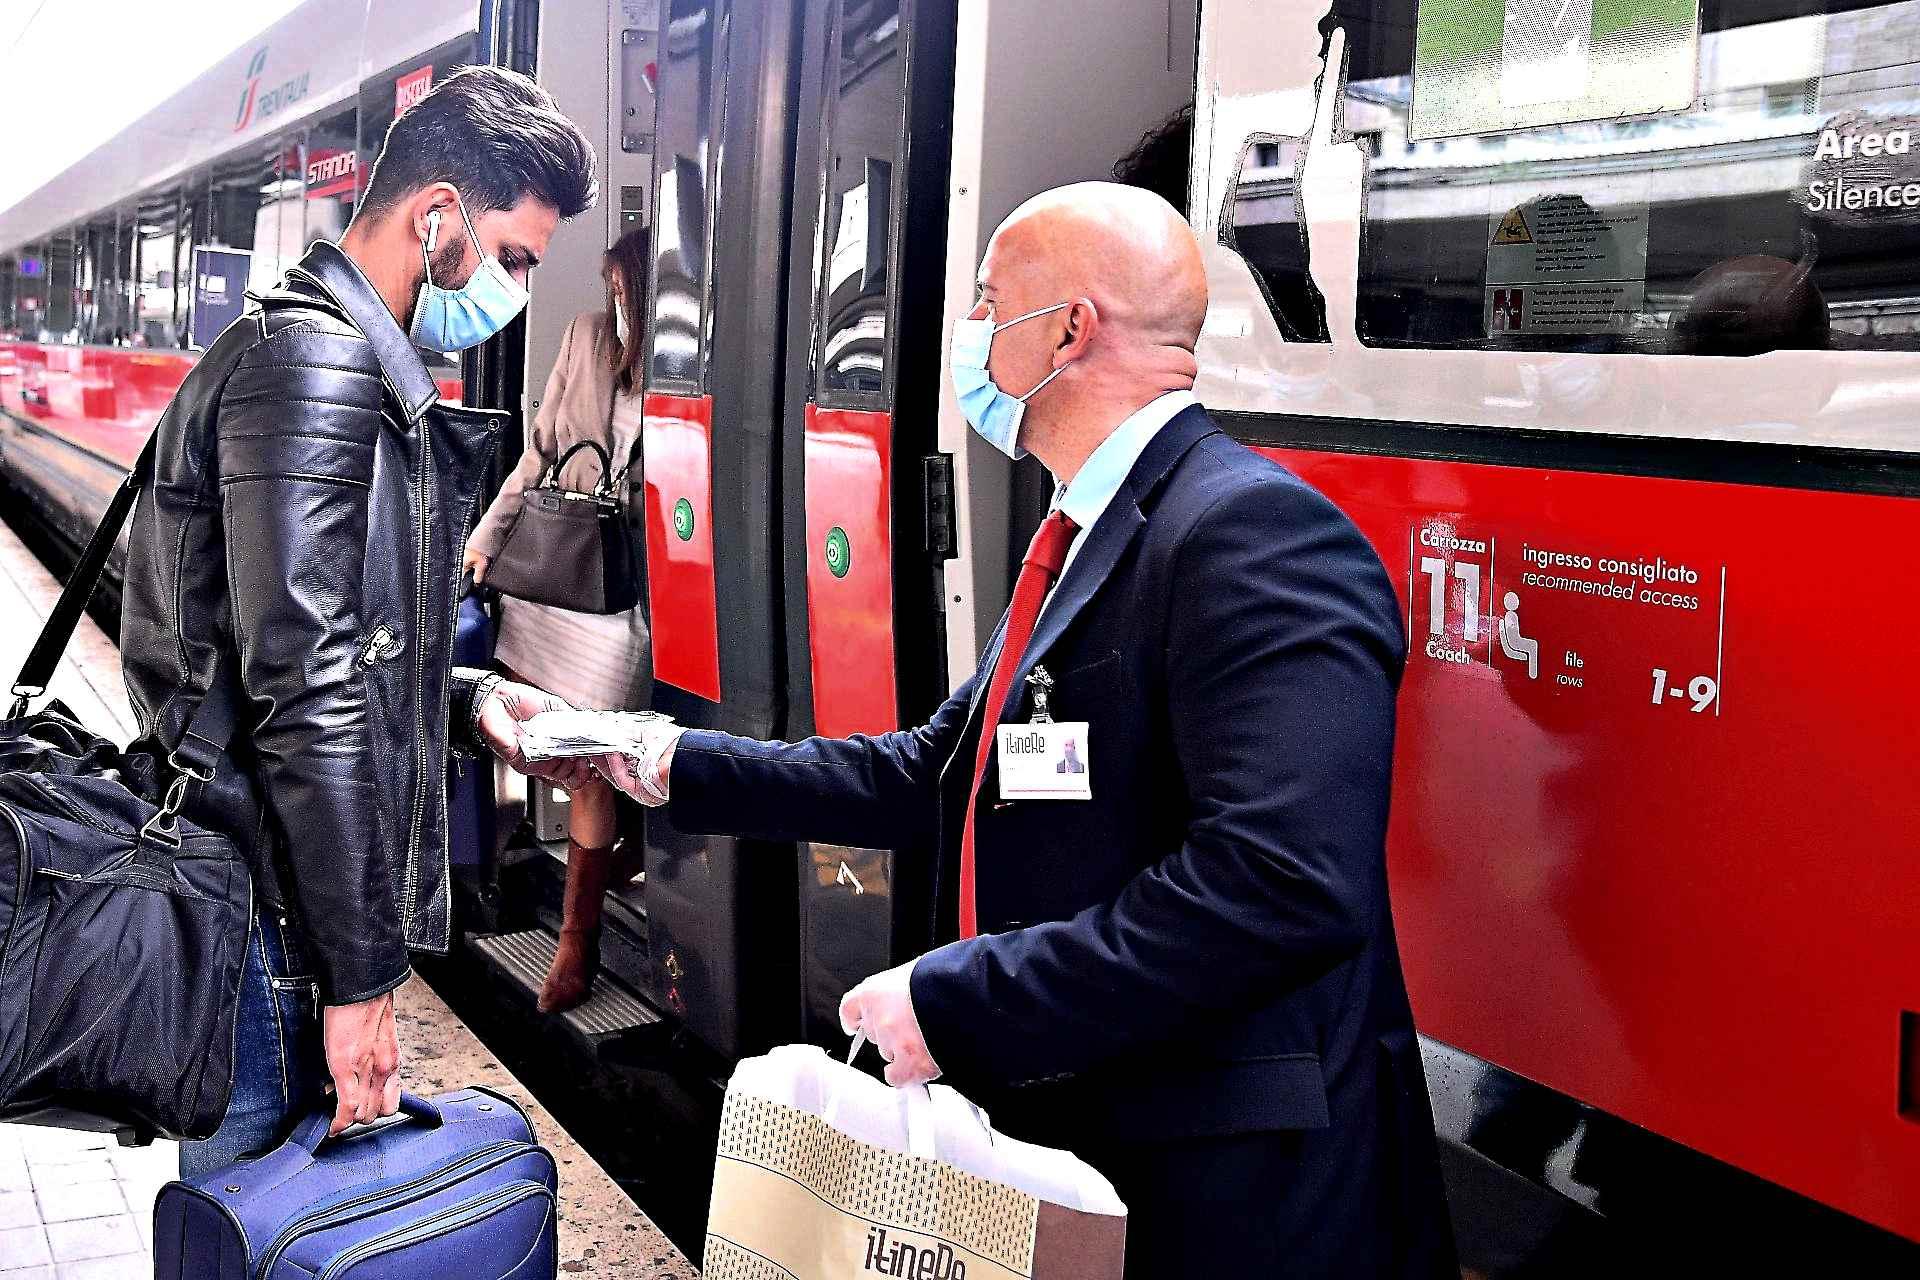 Speranza dice no, ma i treni ad alta velocità tornano a viaggiare pieni